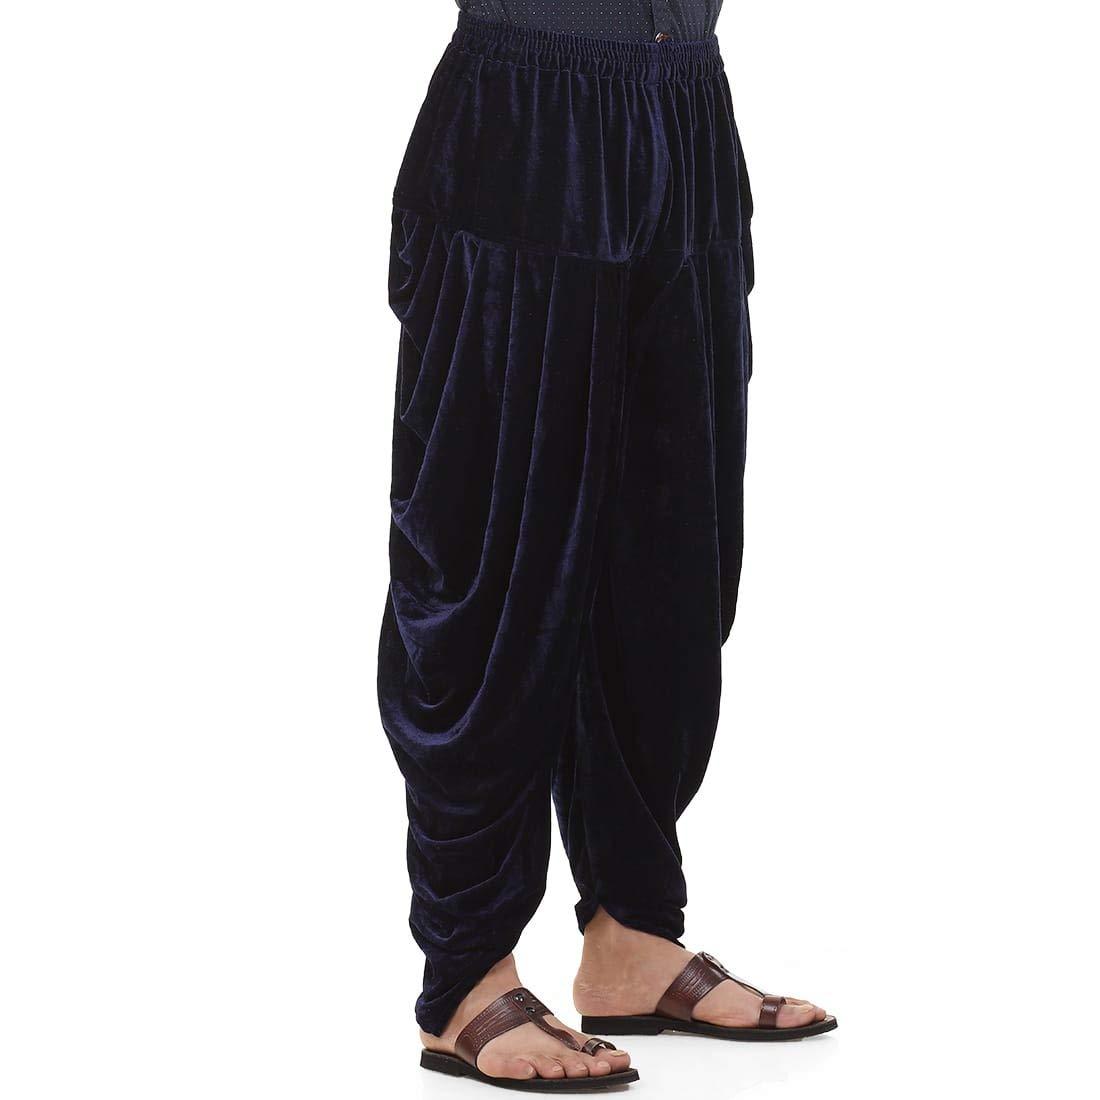 Patiala-Pants-Salwar-fuer-Maenner-Samt-elastischer-Bund-handgefertigt-laessig-Wear Indexbild 18